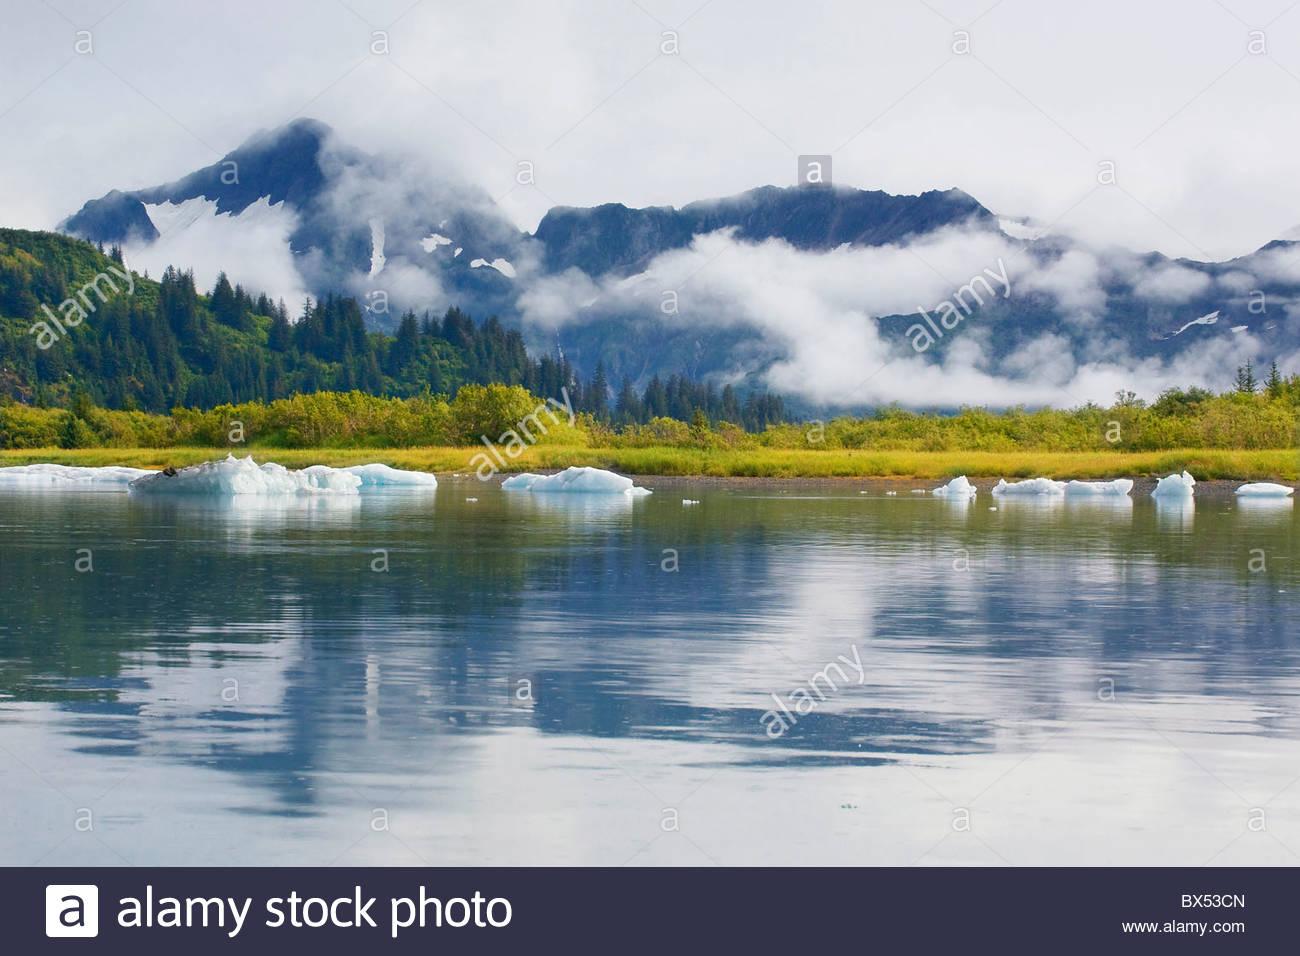 Eisberge hinzufügen ein Gefühl der Zeitlosigkeit, die atemberaubende Landschaft der oberen Pedersen Lagune Stockbild